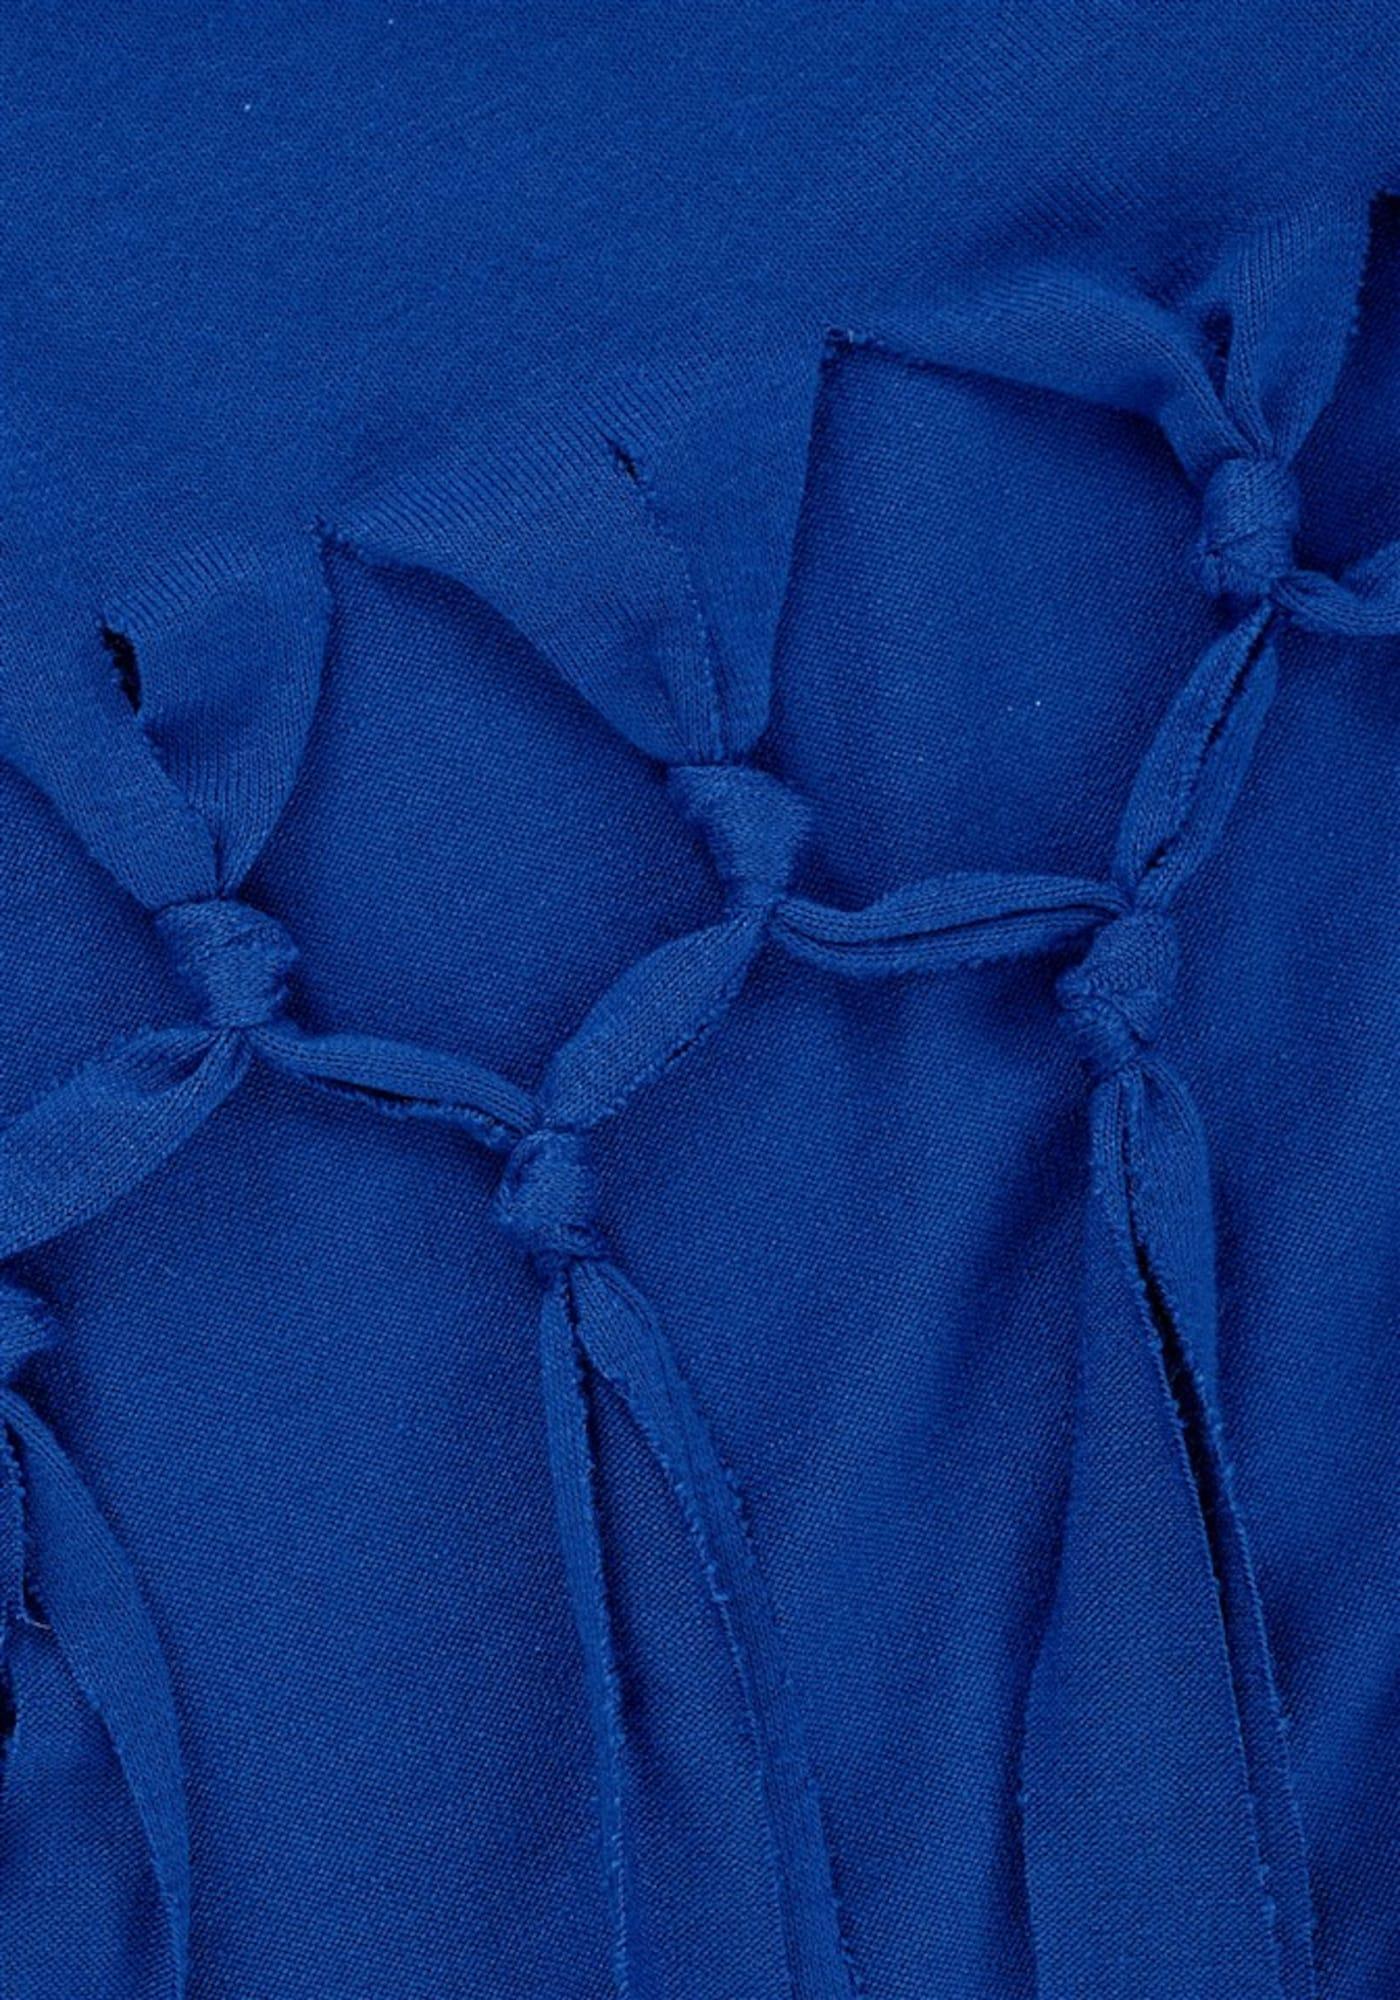 c669130c4a Sprawdź cenę · BEACH TIME Sukienka plażowa niebieski